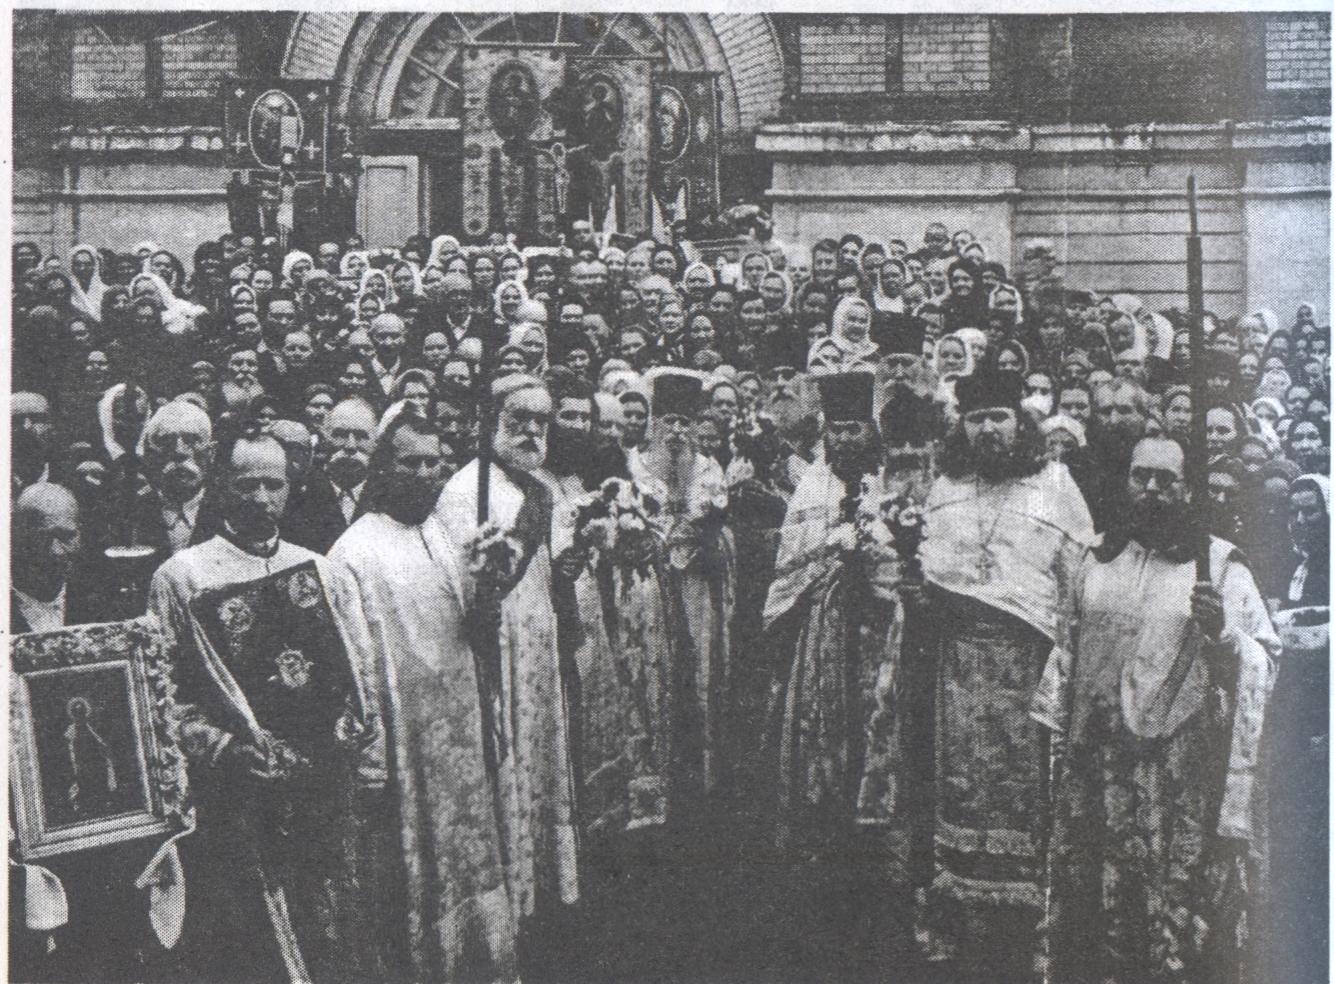 Престольный праздник в Александро-Невском соборе после войны. Третий справа — игумен Каллист